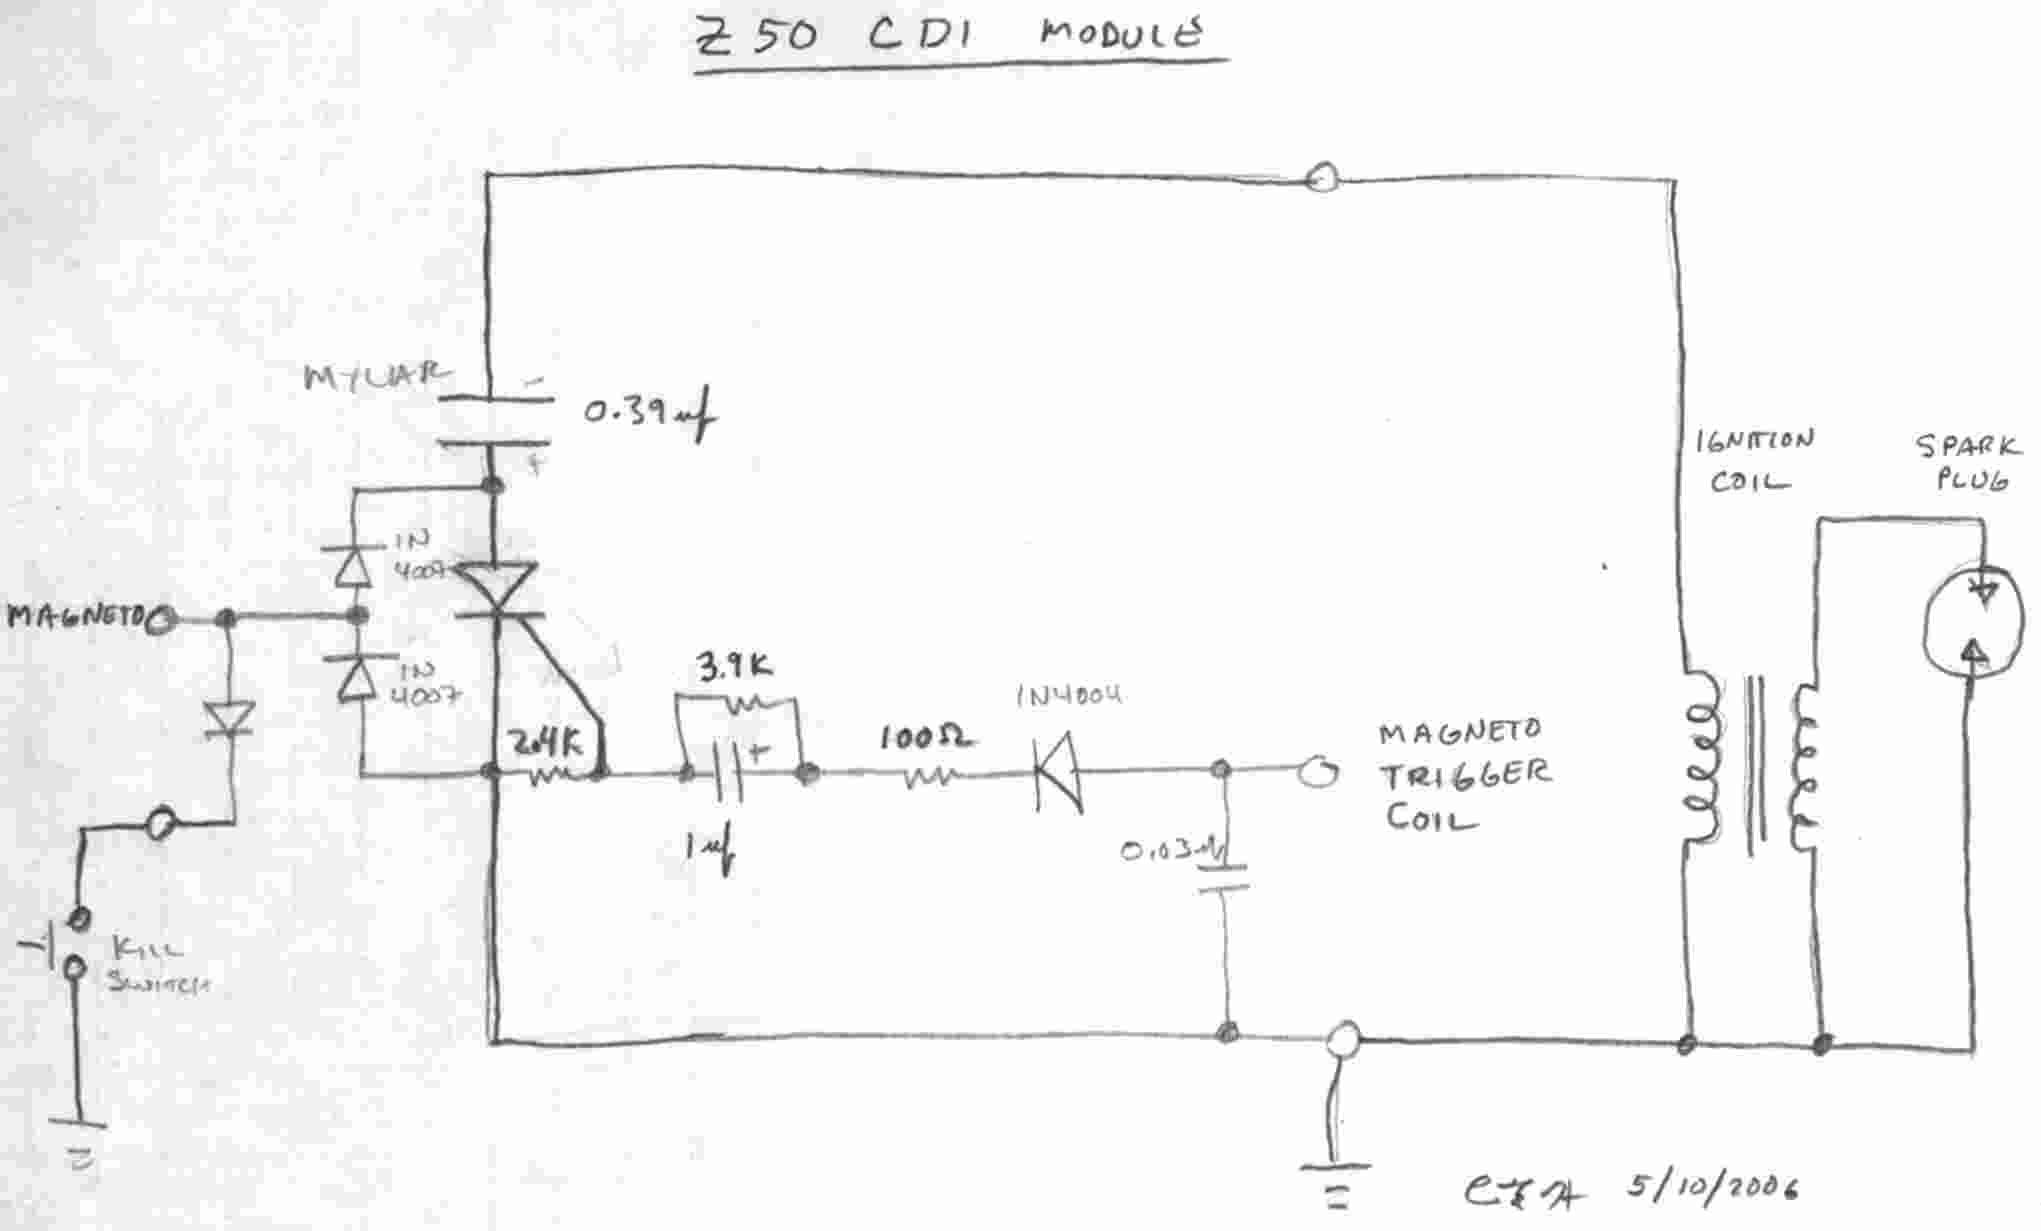 z50cdi?resize=665%2C401 1973 honda z50 wiring diagram 1973